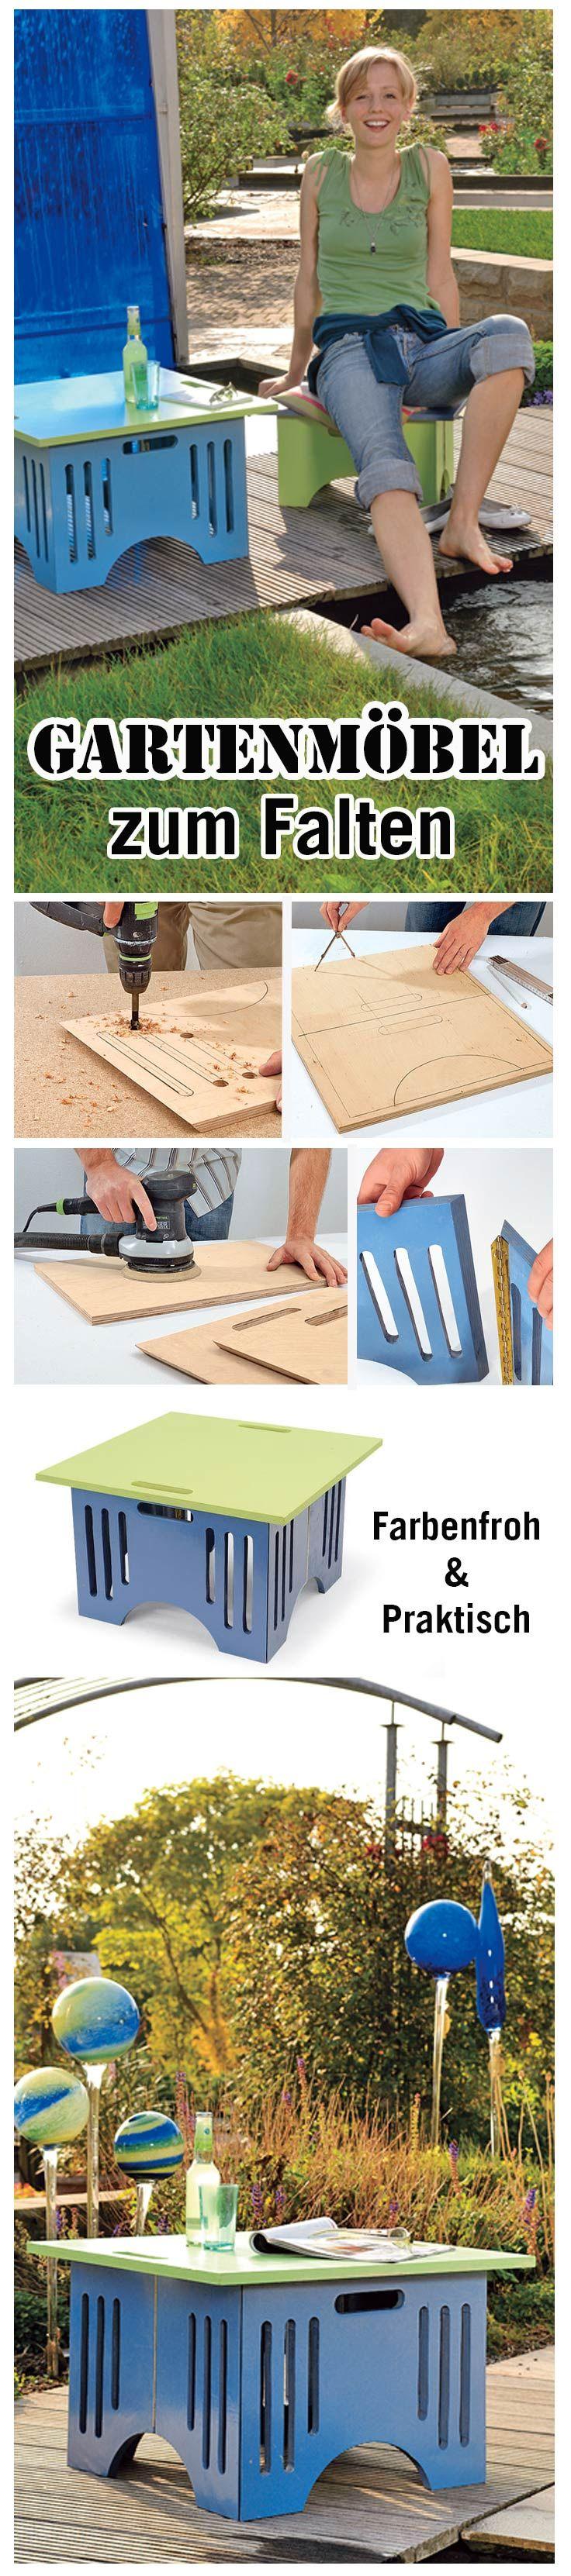 Klappmöbel mal anders: Tisch und Hocker kann man zusammenstecken. Extrem praktisch auch fürs Picknick. Wir zeigen, wie man die Möbel selbst baut.